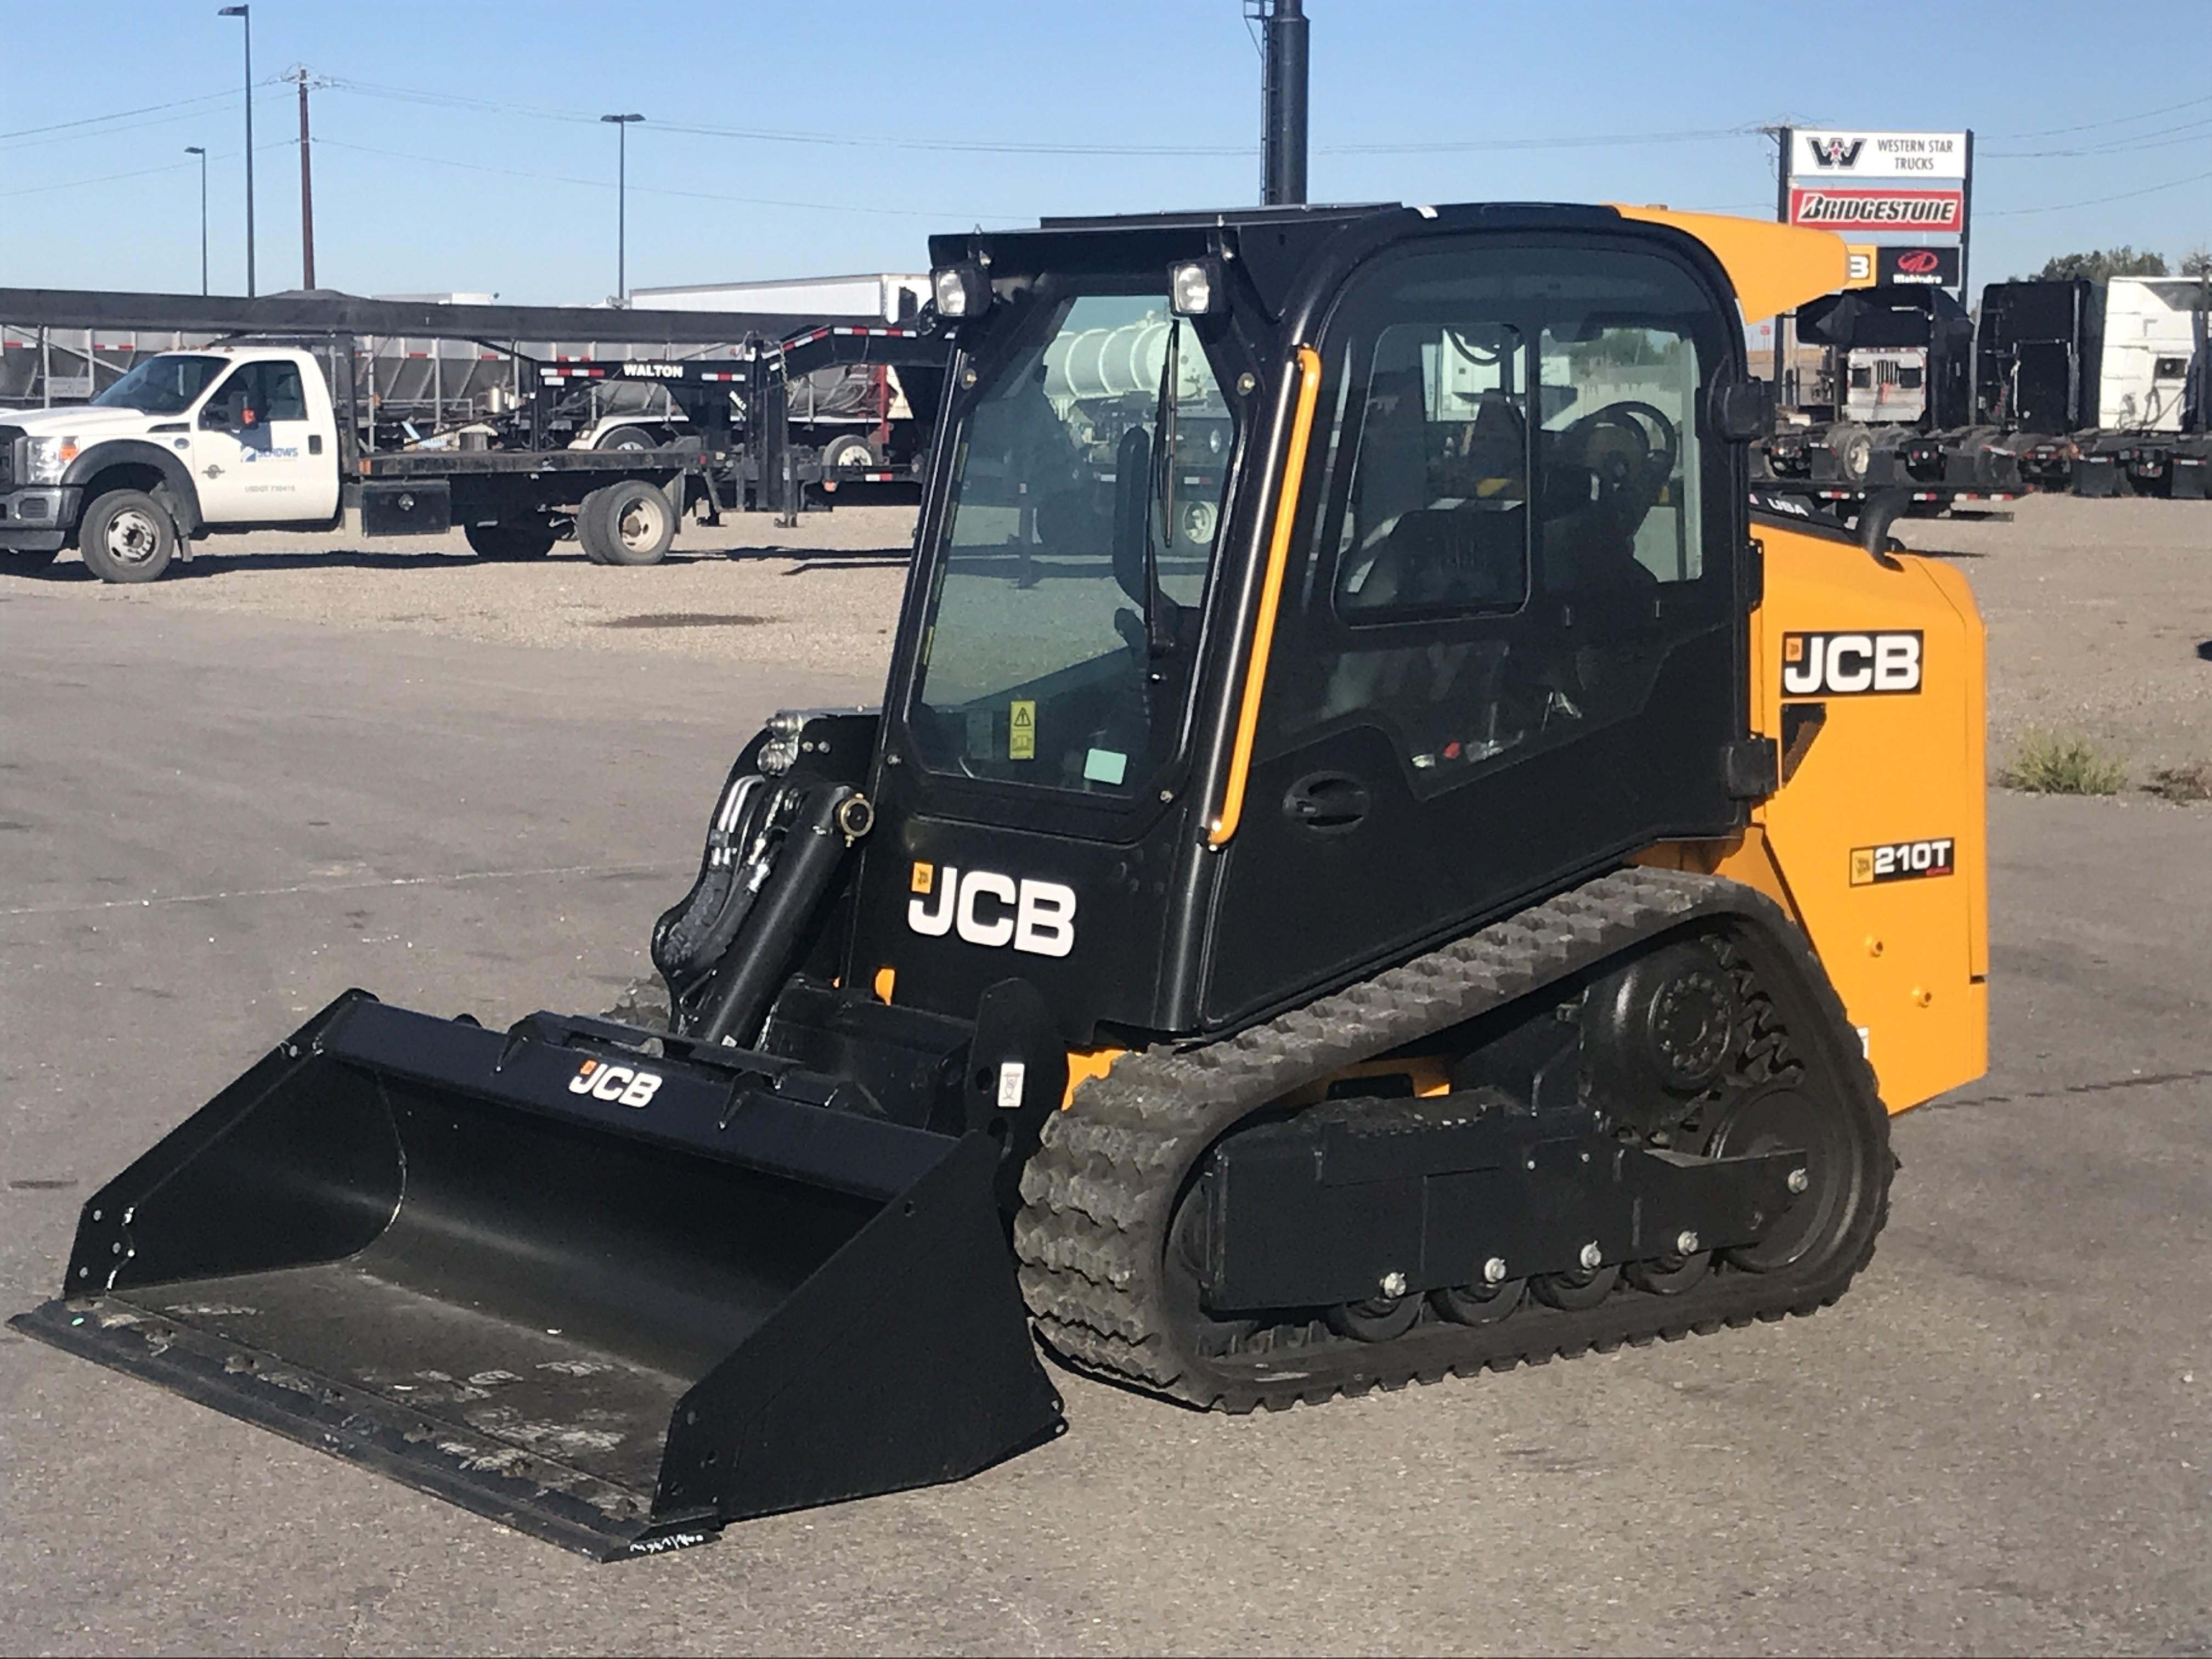 JCB Equipment Dealer Idaho | Sales, Rentals, Parts, Service